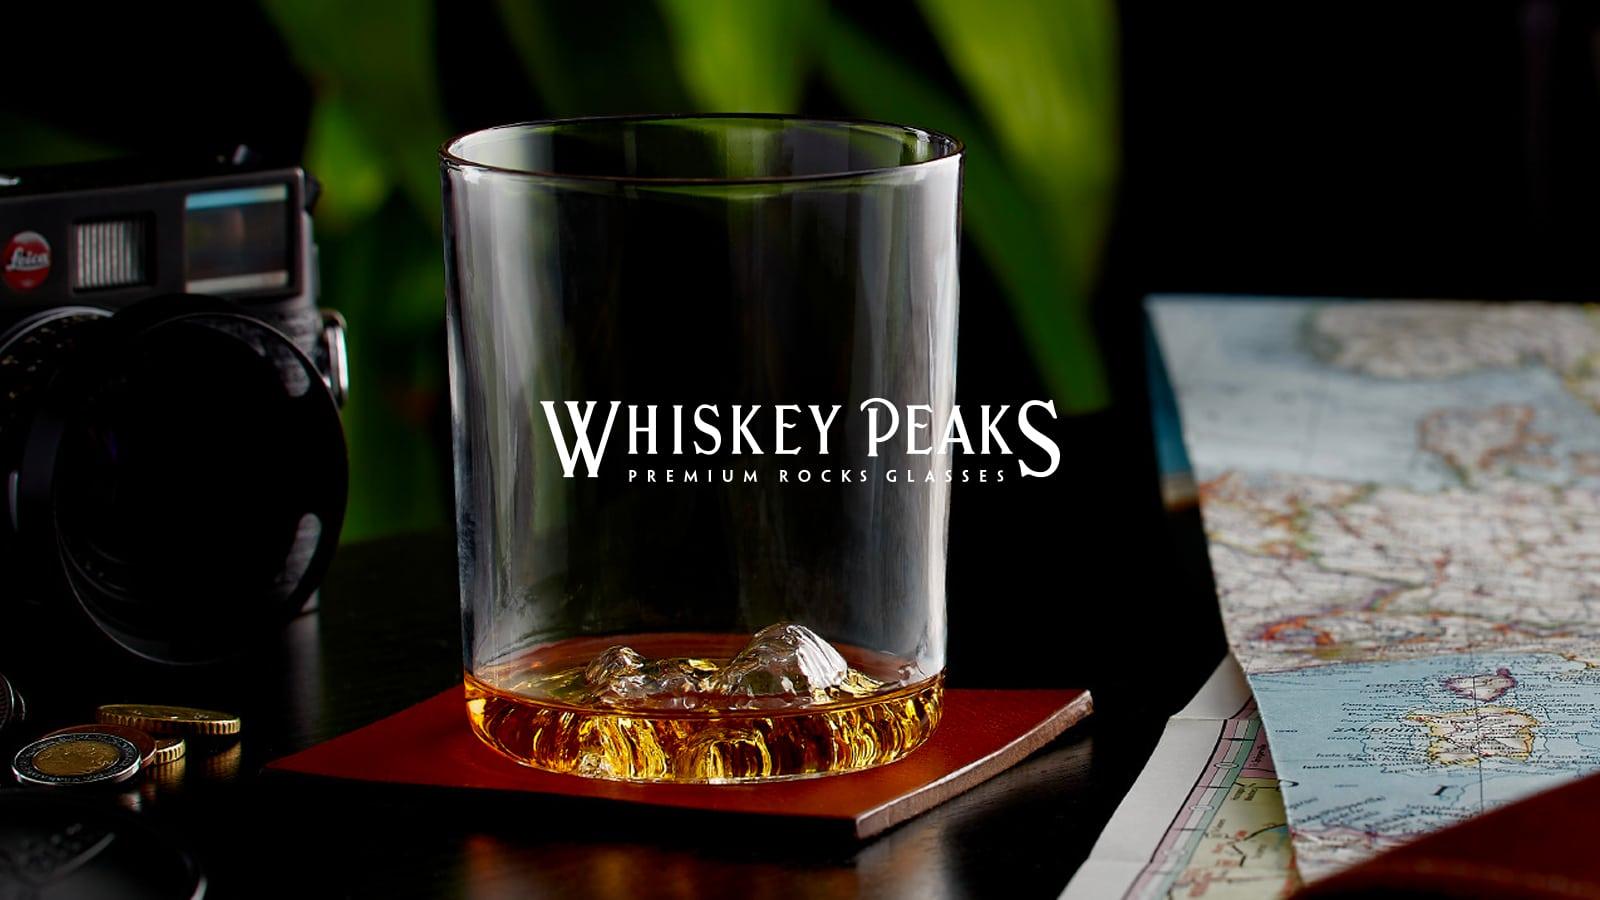 Whiskey Peaks